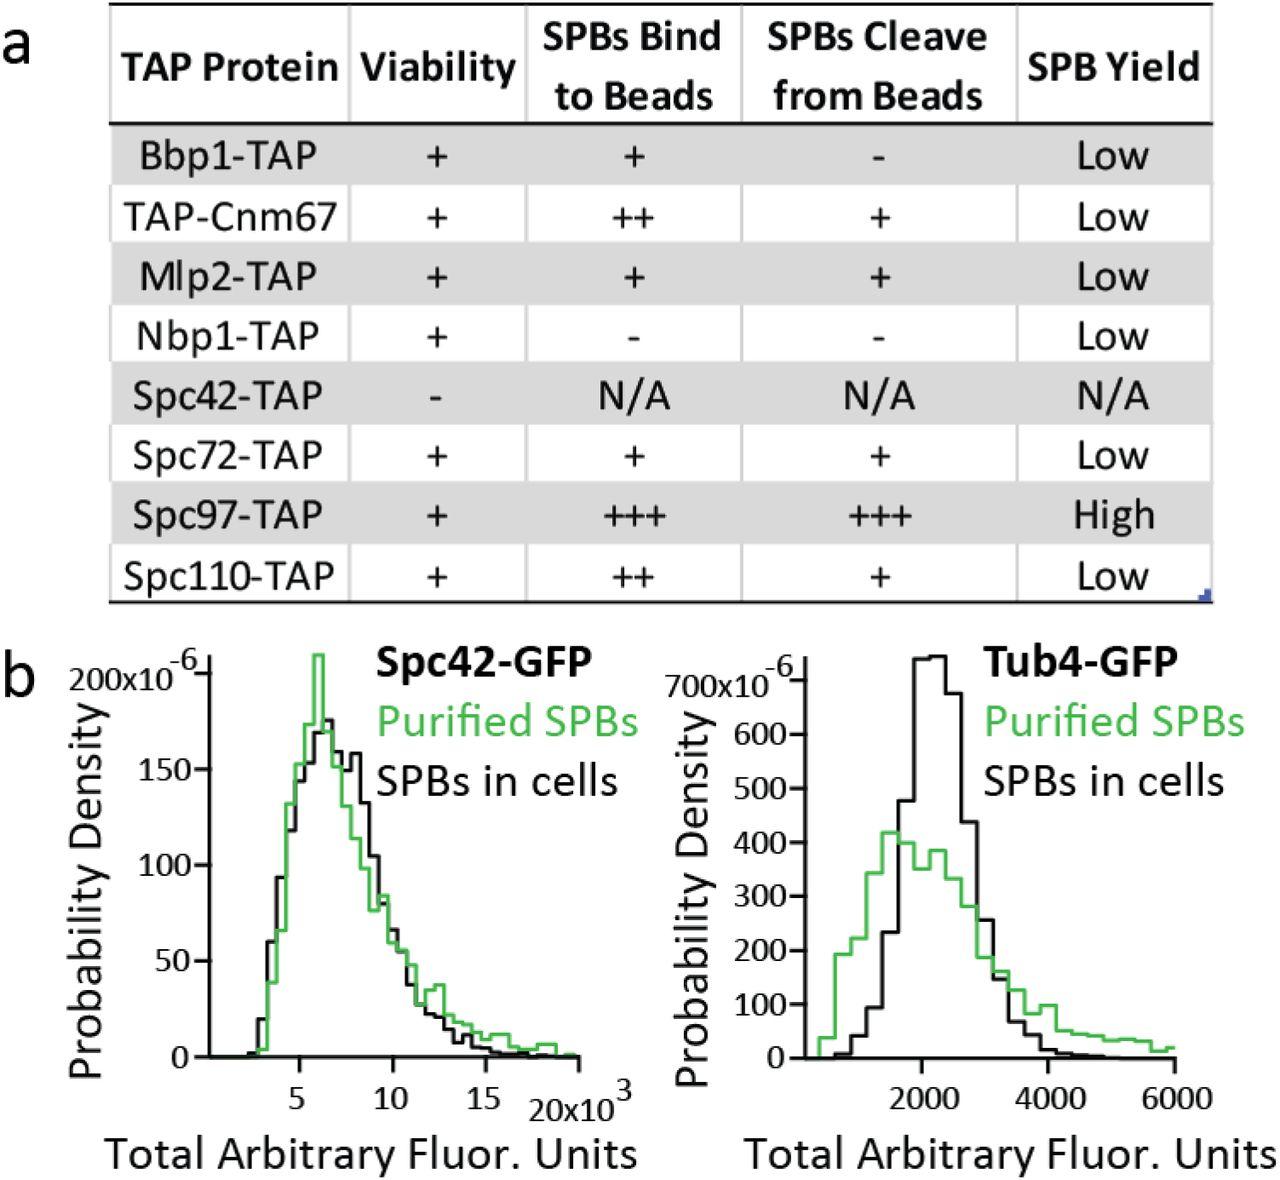 Novel Phosphorylation States of the Yeast Spindle Pole Body | bioRxiv